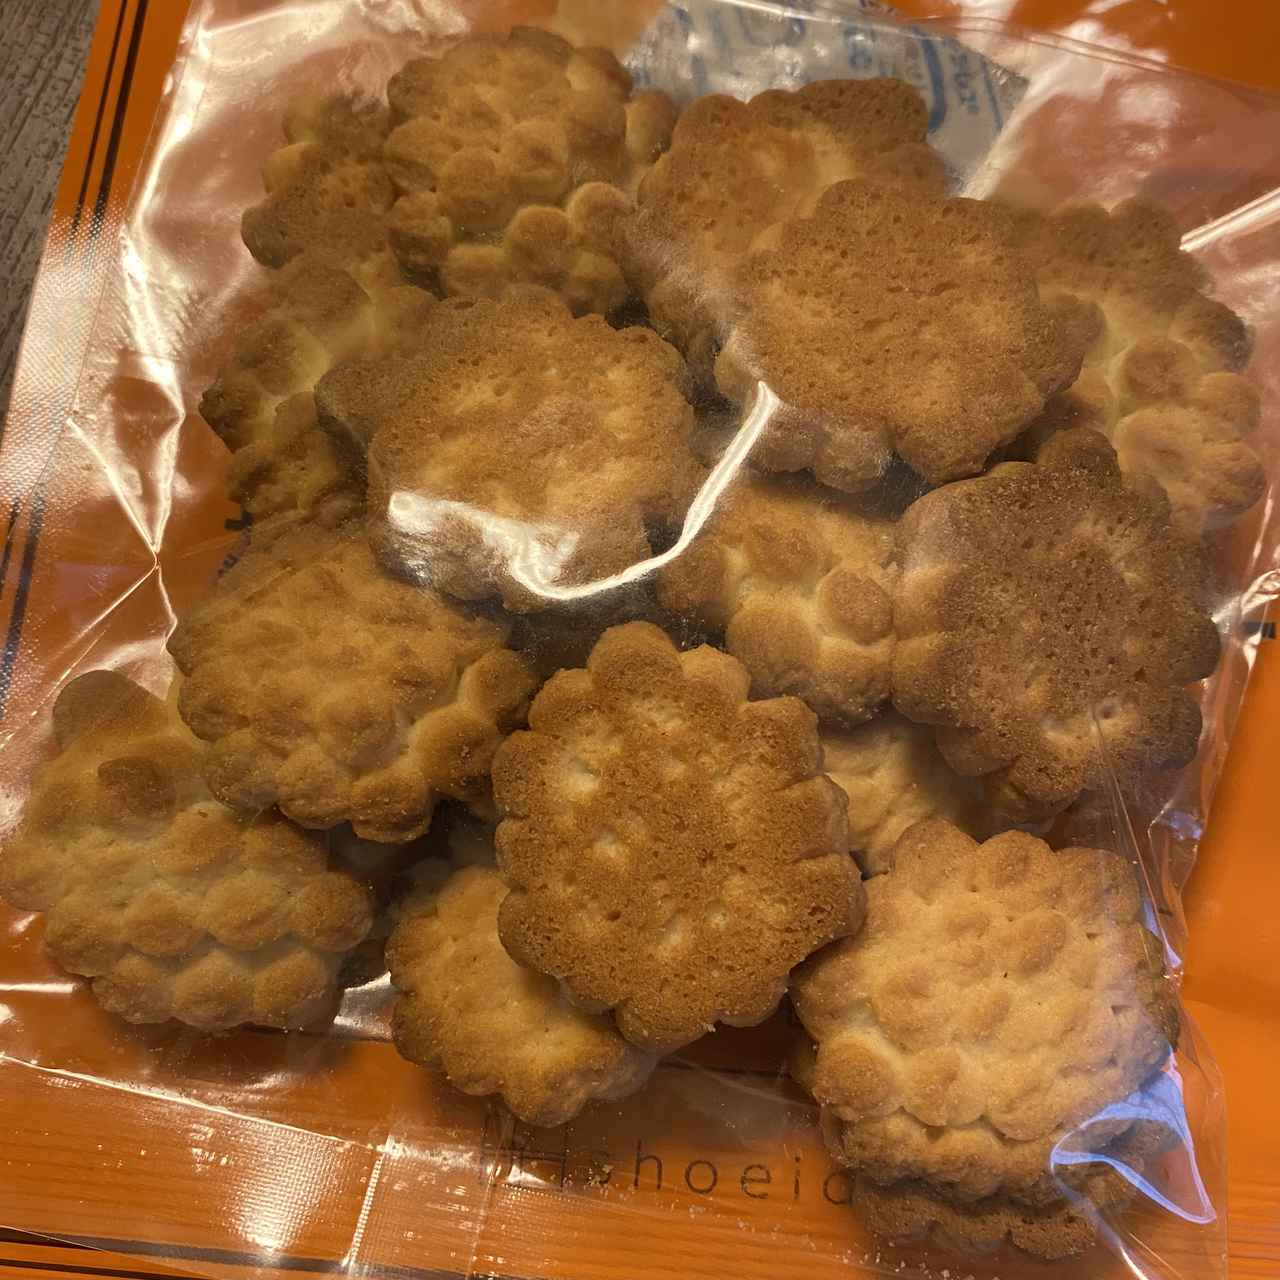 画像2: 防災コーナーで一目ぼれ⁉ 3年美味しい神戸のクッキー